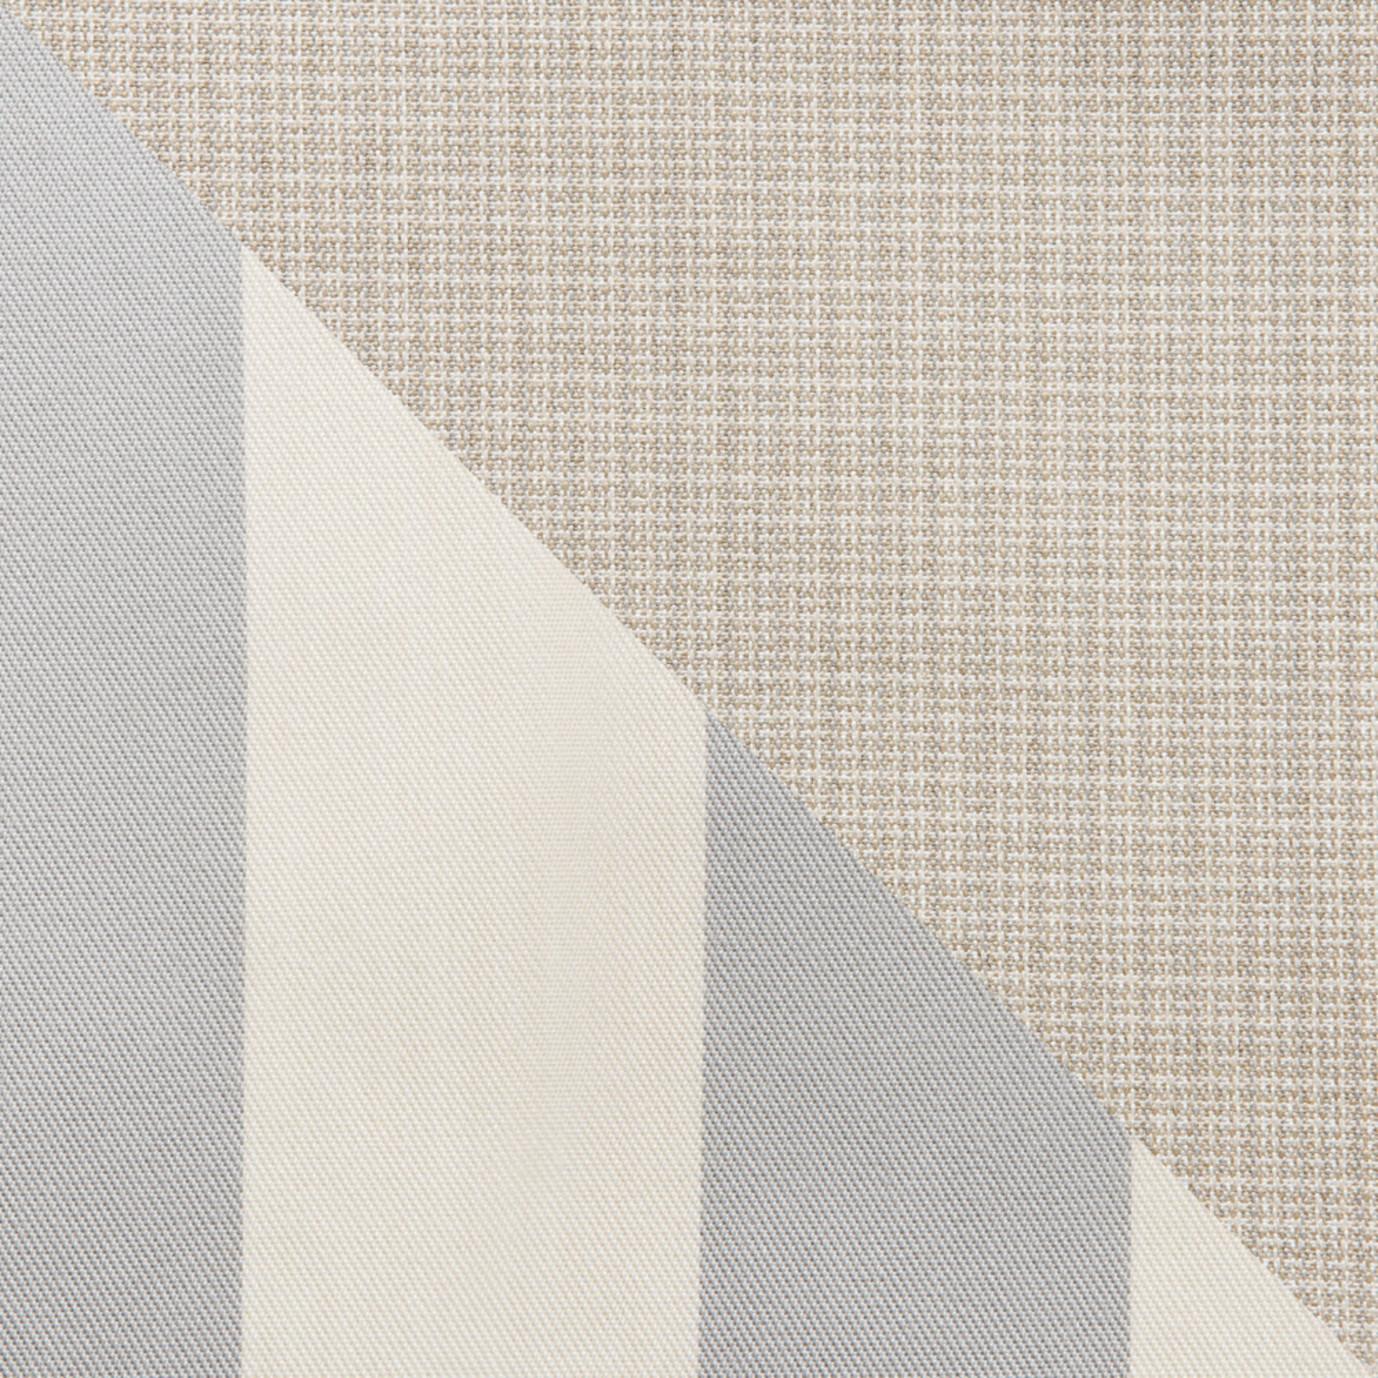 Milo™ Gray 7pc Motion Deep Seating Set - Slate Gray